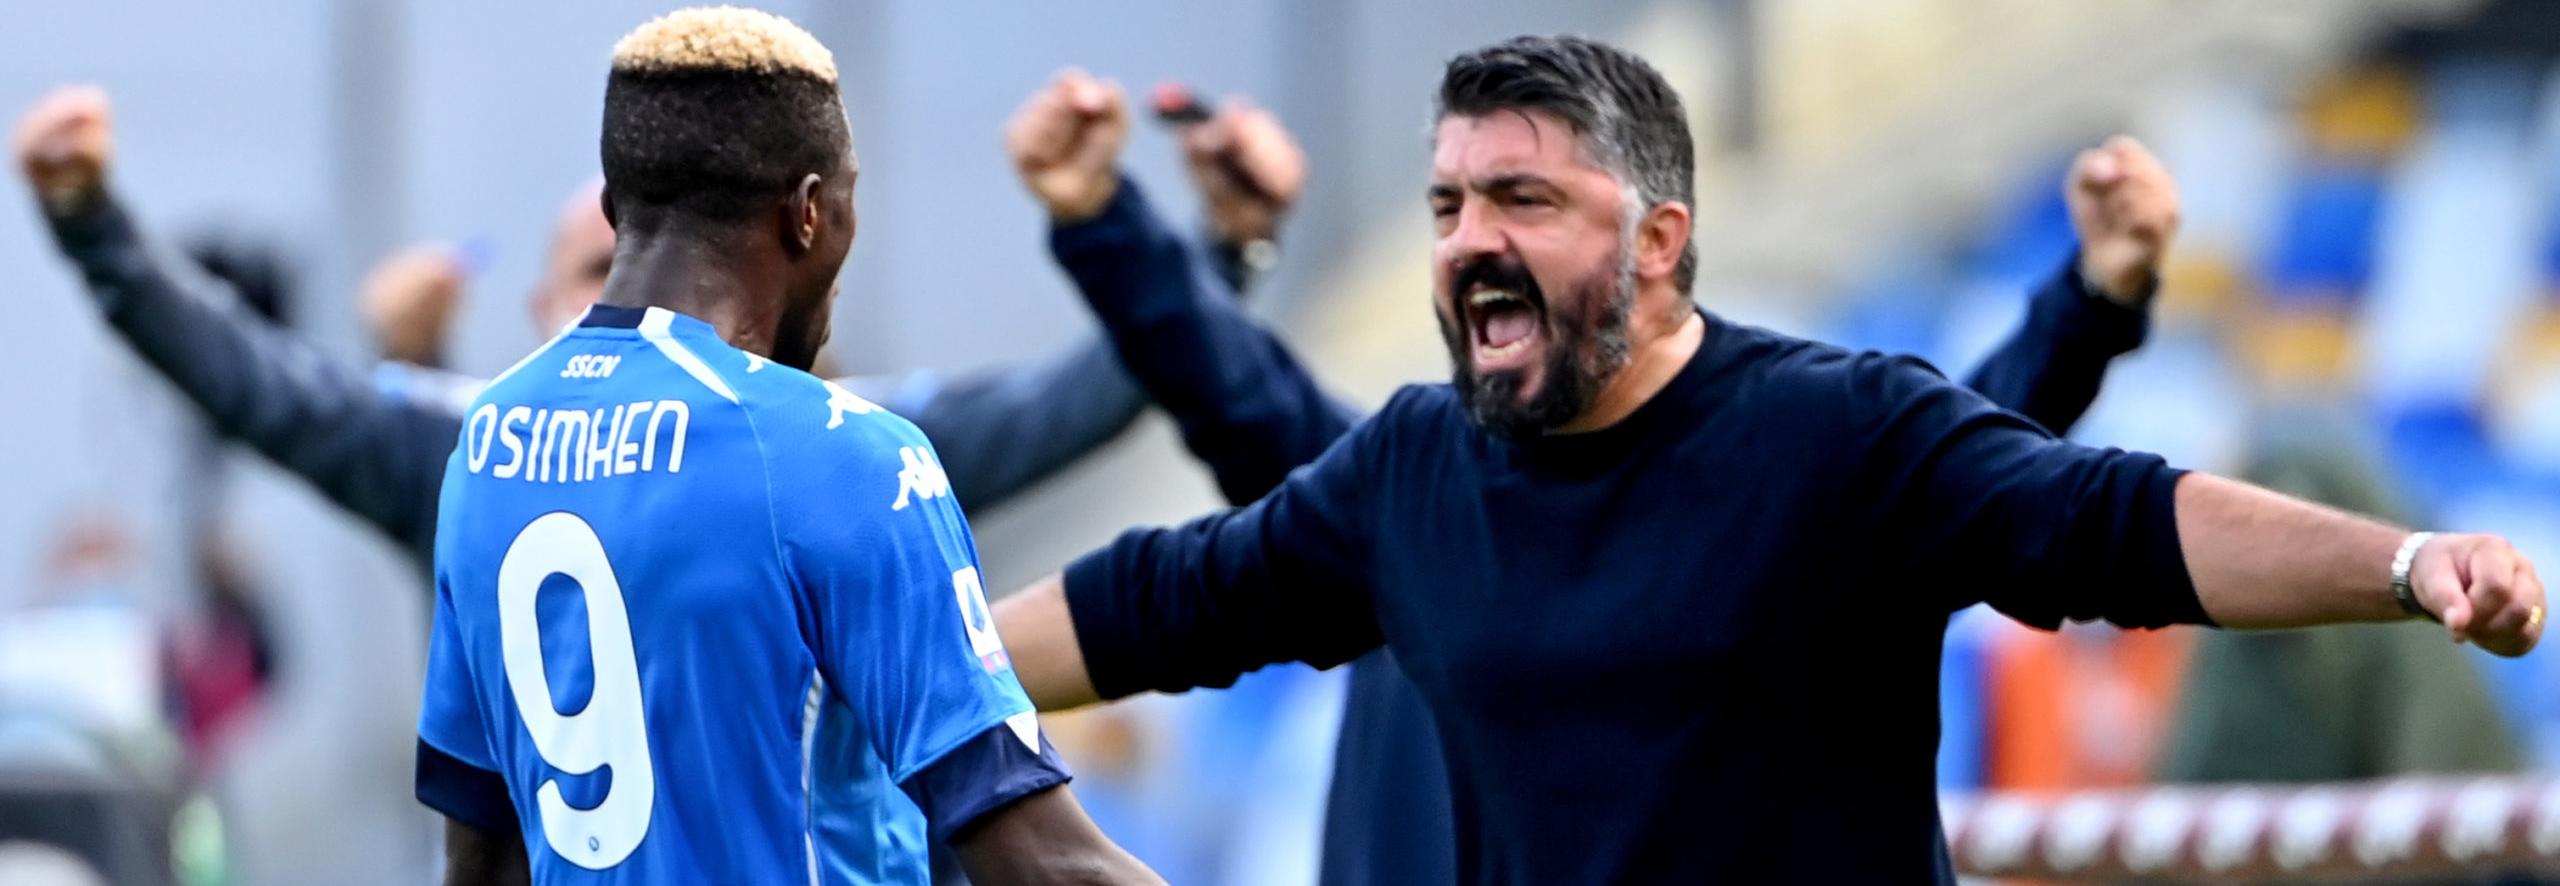 Uno studio dimostra che a calcio vince chi fa correre la palla, e che Gattuso è un tecnico sottovalutato